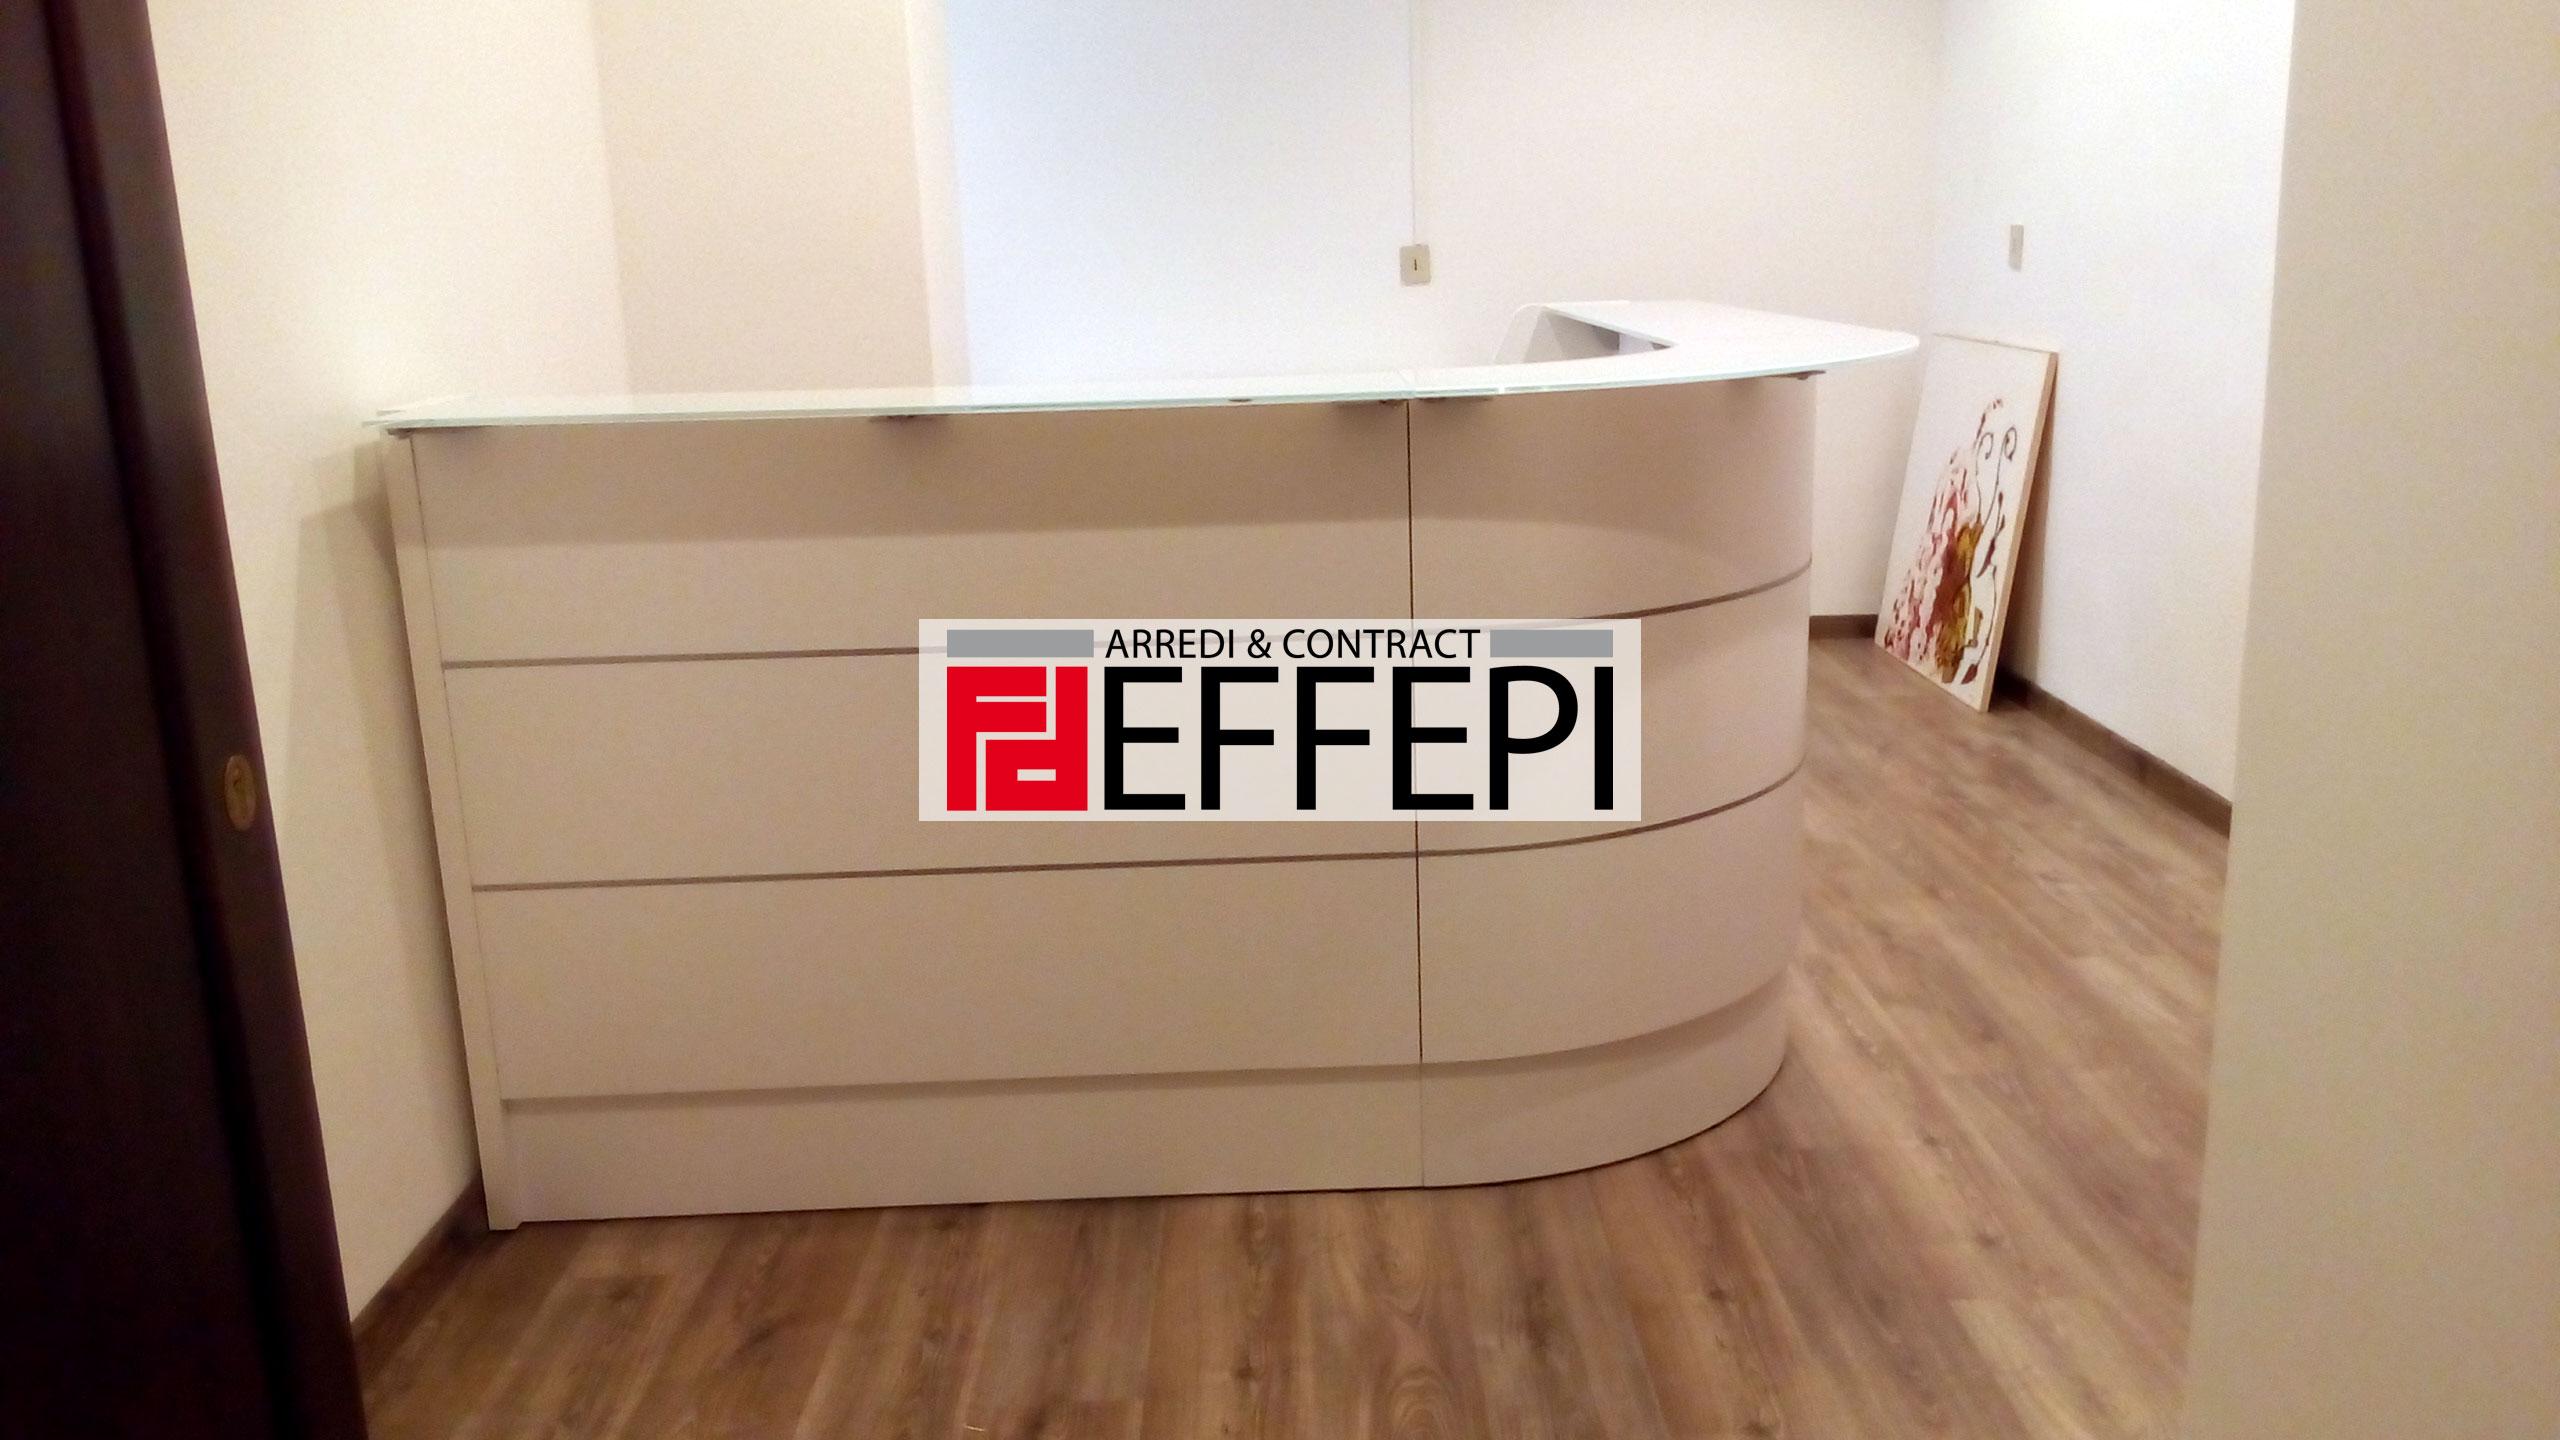 Arredamento per studio legale arredamento camere letto - Banco reception ikea ...